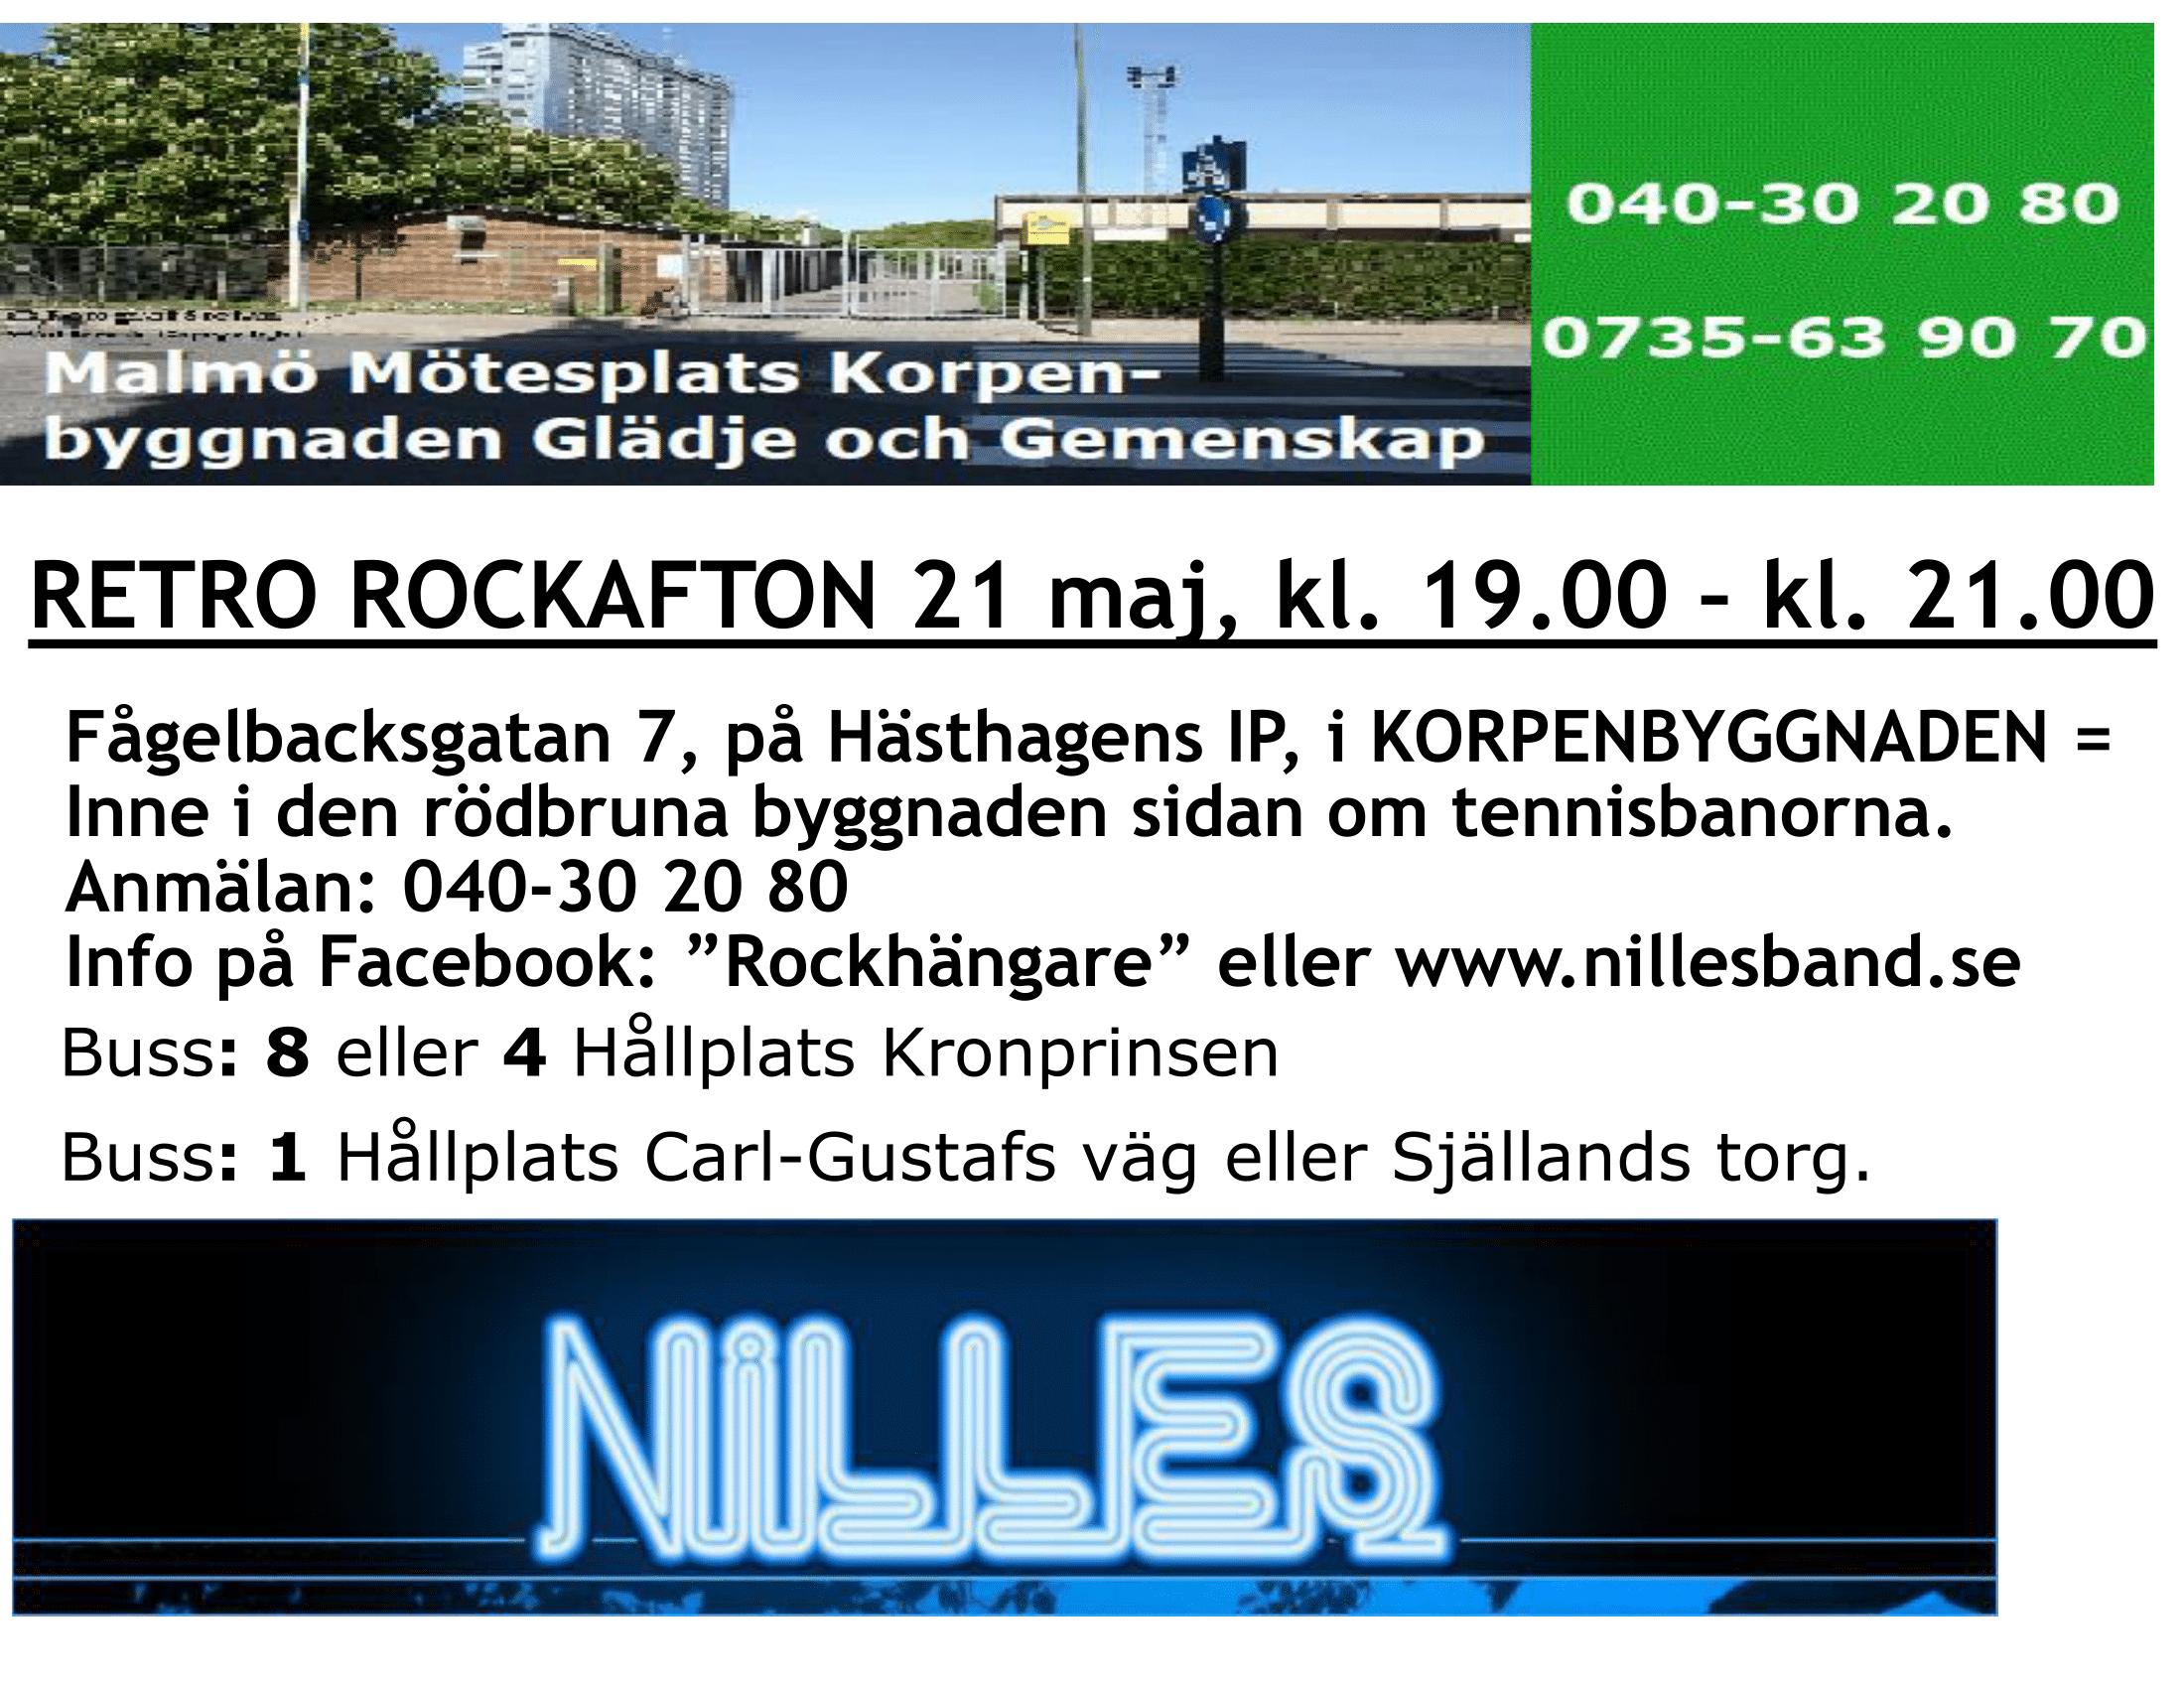 NILLES  RETRO  ROCKAFTON 21 maj, kl. 19.00 – kl. 21.00 i Korpenbyggnaden, Fågelbacksgatan 7 inne på Hästhagens IP nära Kronprinsen i Malmö.